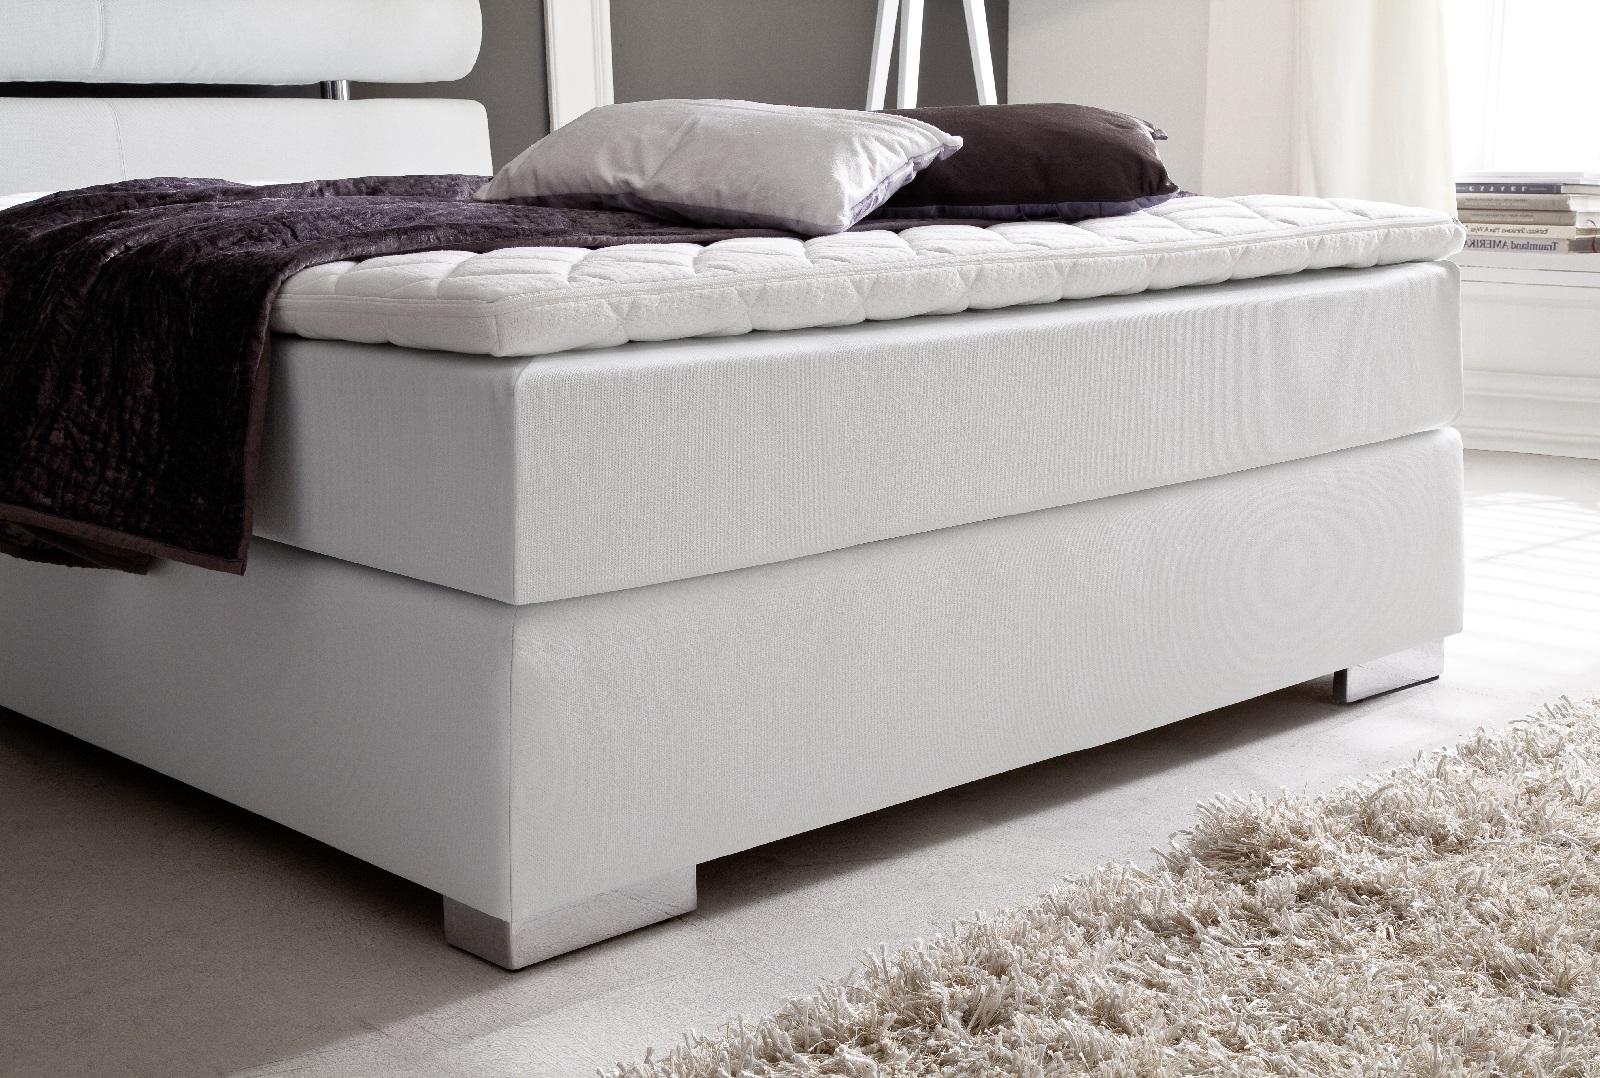 boxspringbett onella wei 140cm x 200cm. Black Bedroom Furniture Sets. Home Design Ideas